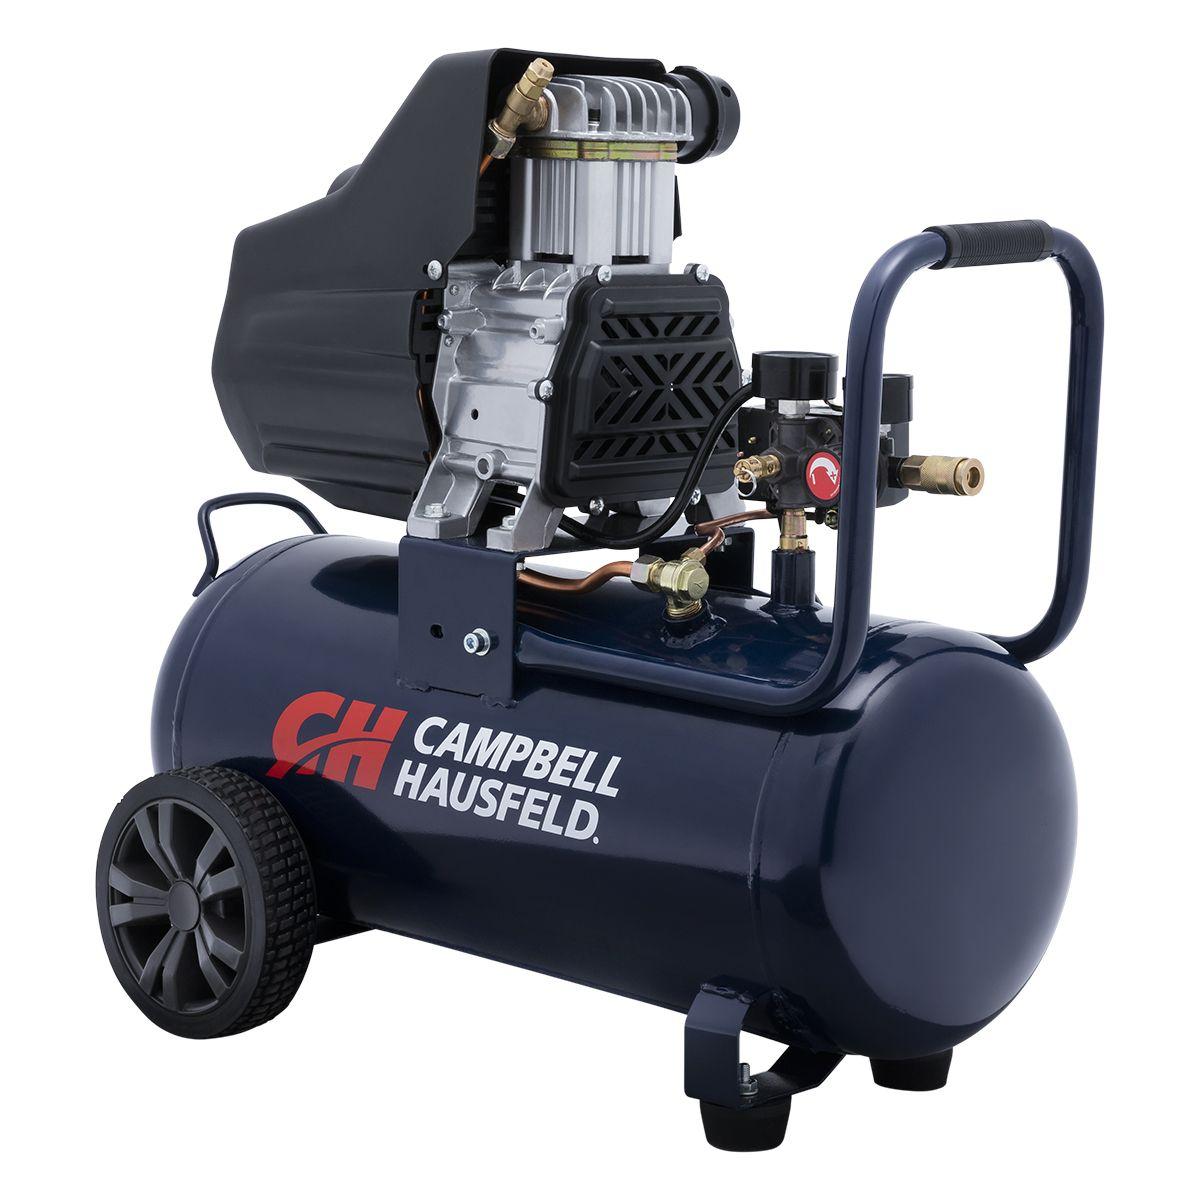 8 Gallon OilFree Air Compressor (DC080100) Air